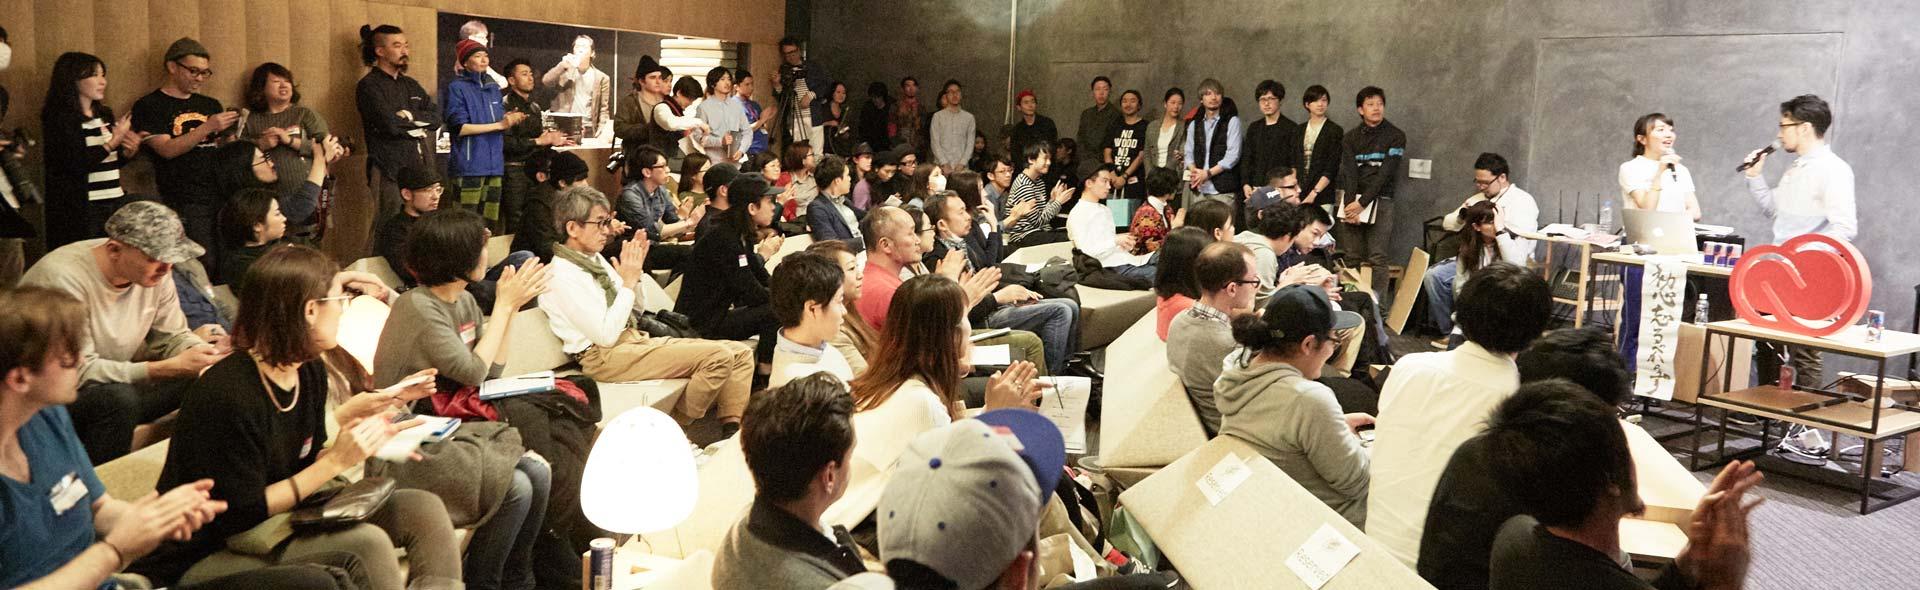 Die Creative Jam in München lässt Kreative und Künstler zusammen kommen und gegeneinander antreten. CROMATICS rührt die Werbetrommel.